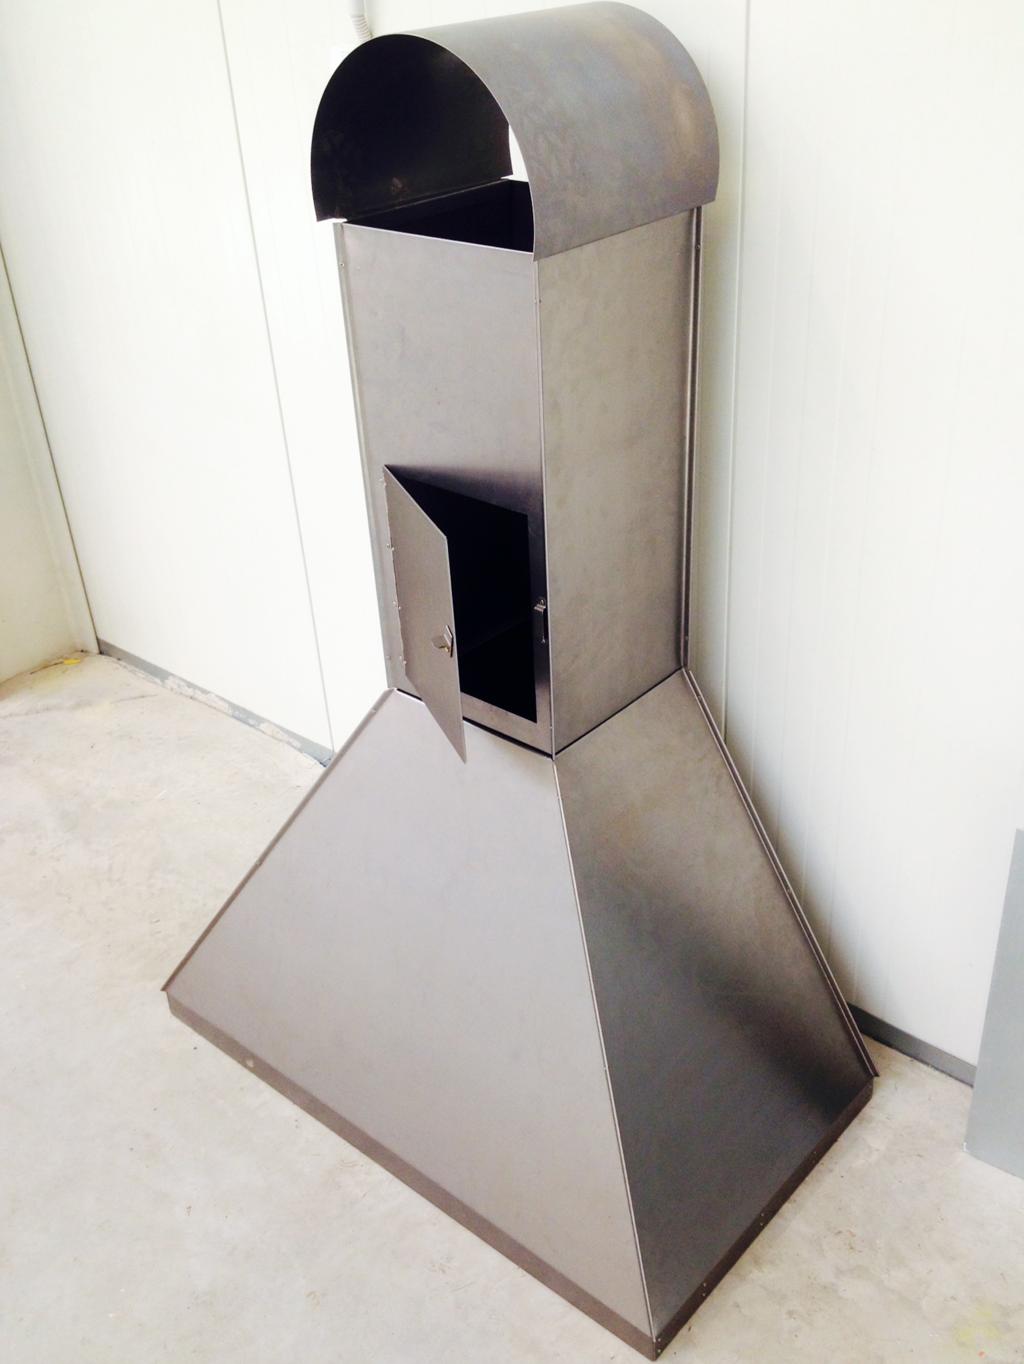 [zpracovani-plechu/zpracovani-plechu-1.png]